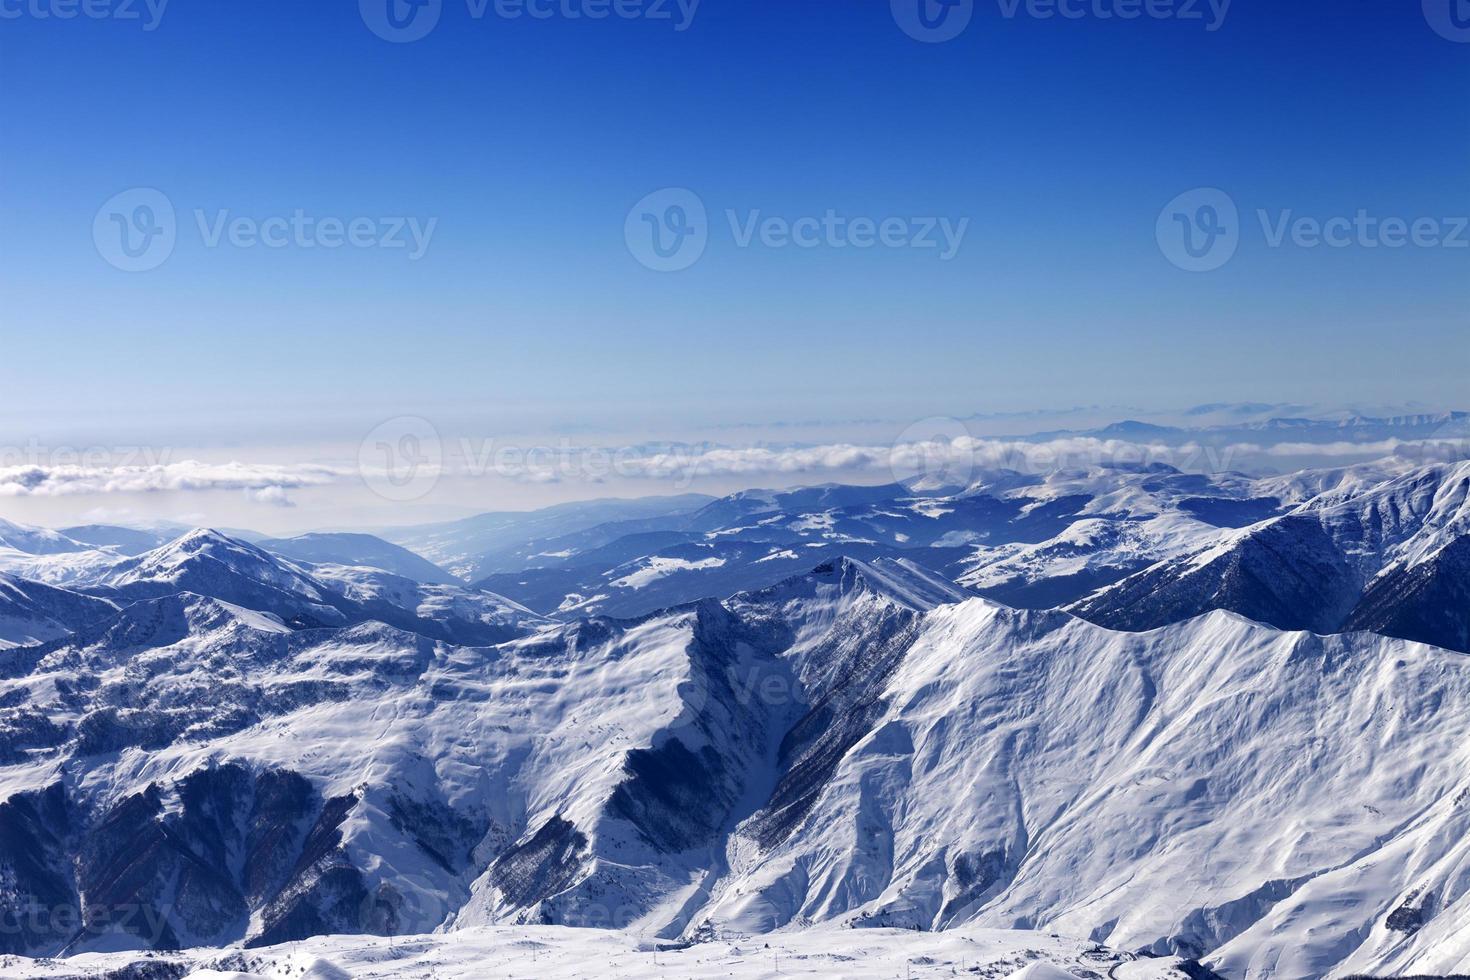 montagnes enneigées d'hiver en journée ensoleillée photo